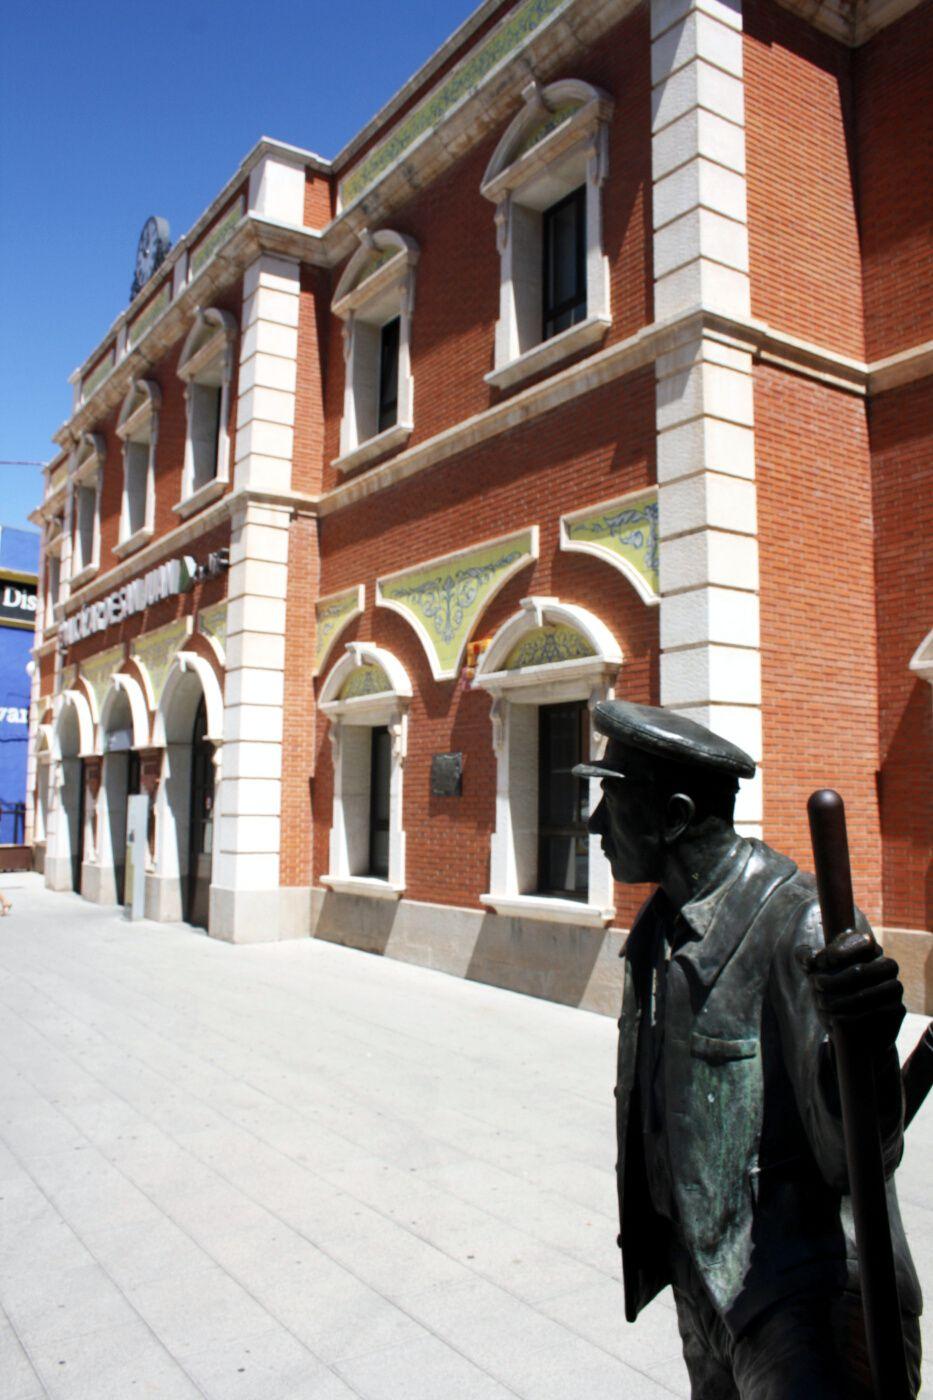 Alcazar de San Juan Fachada Principal Estacion de Trenes